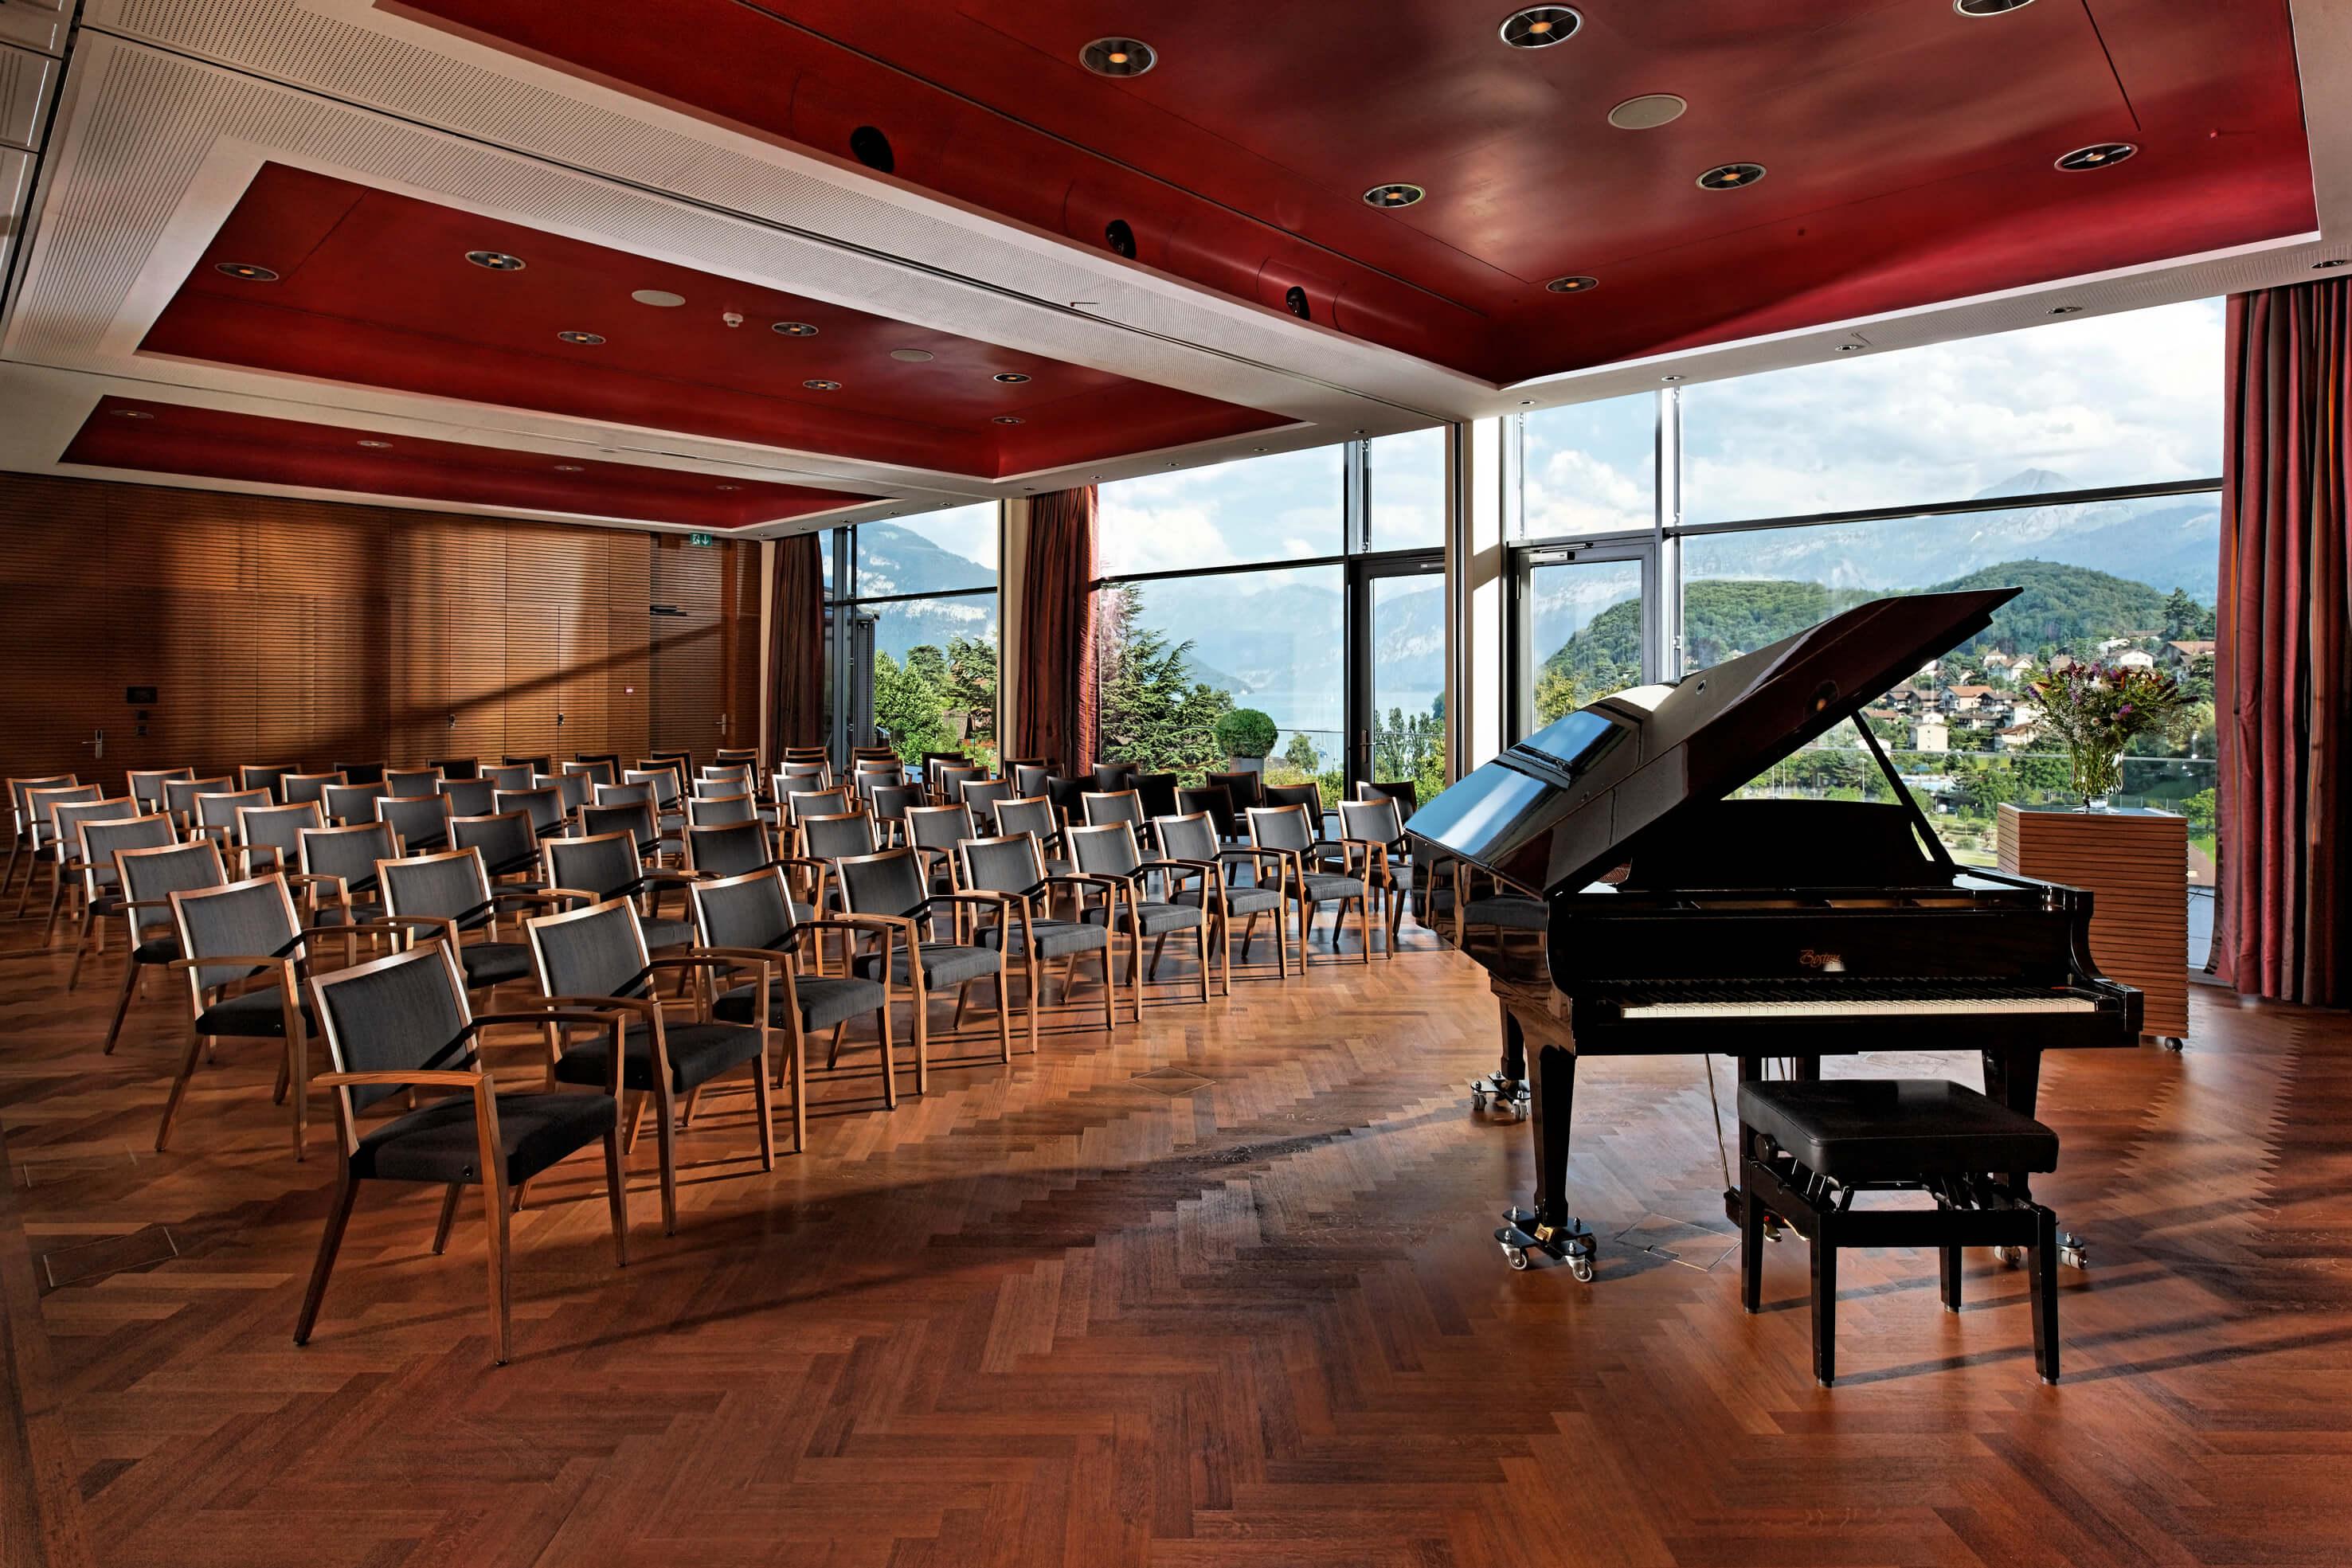 hotel-eden-meting-panoramasaal-mit-konzertbestuhlung-spiez.jpg